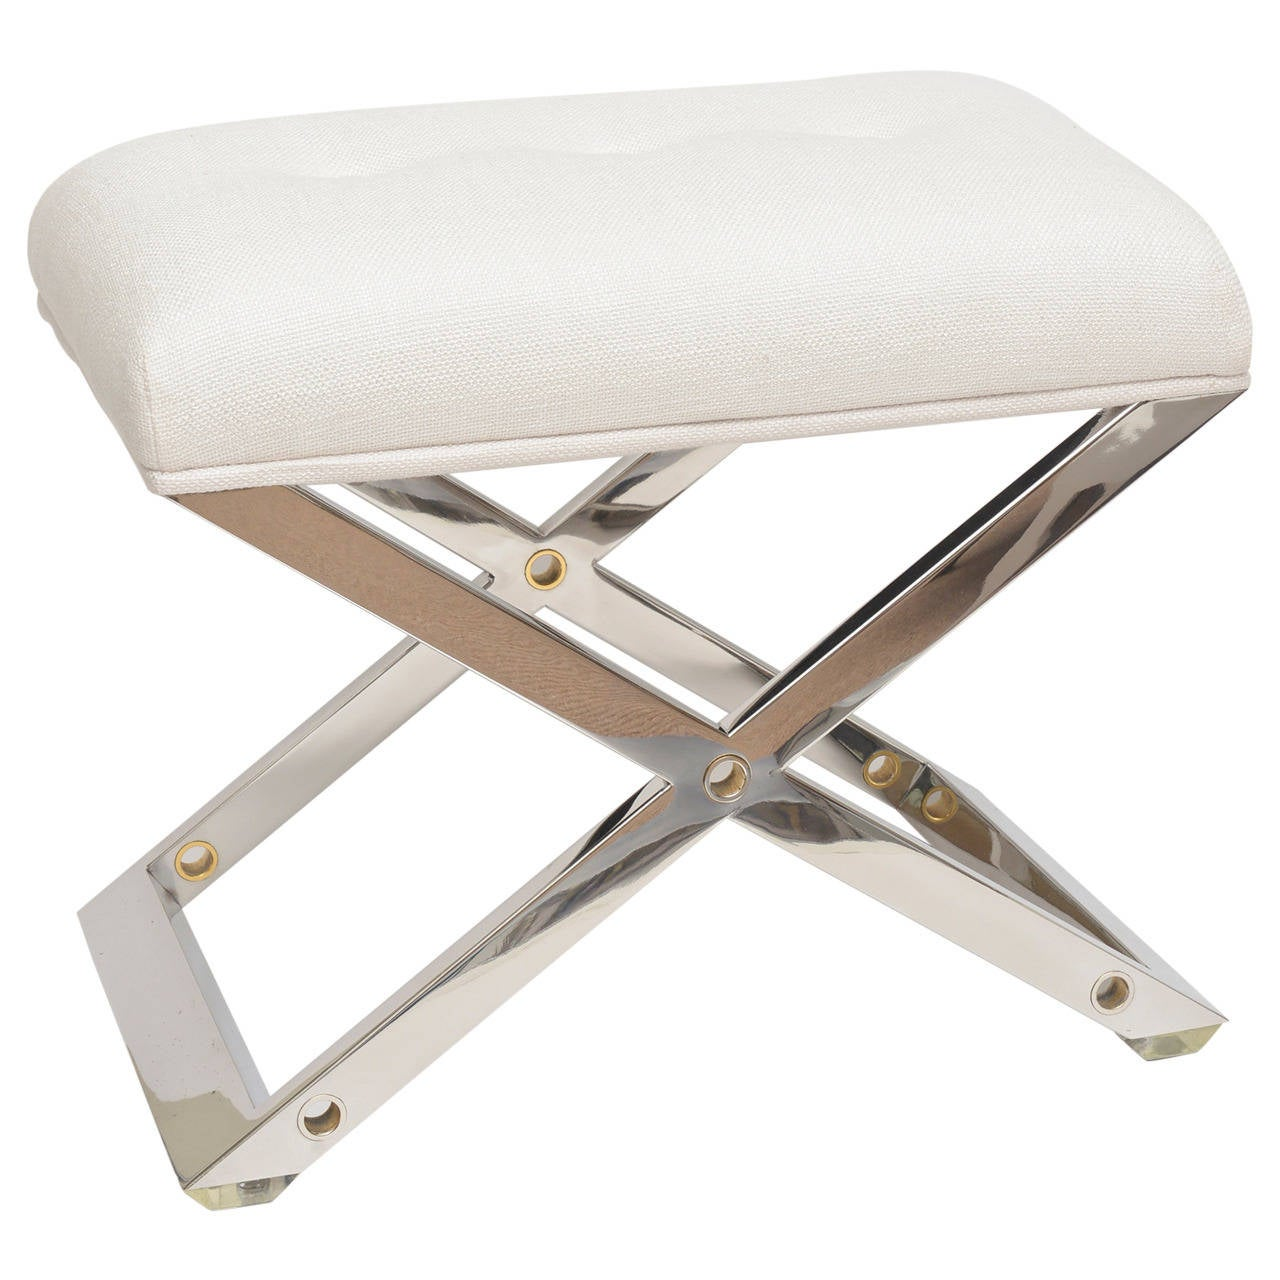 Chic Karl Springer Style Chromed Steel Brass And Upholstered X Framed Bench At 1stdibs